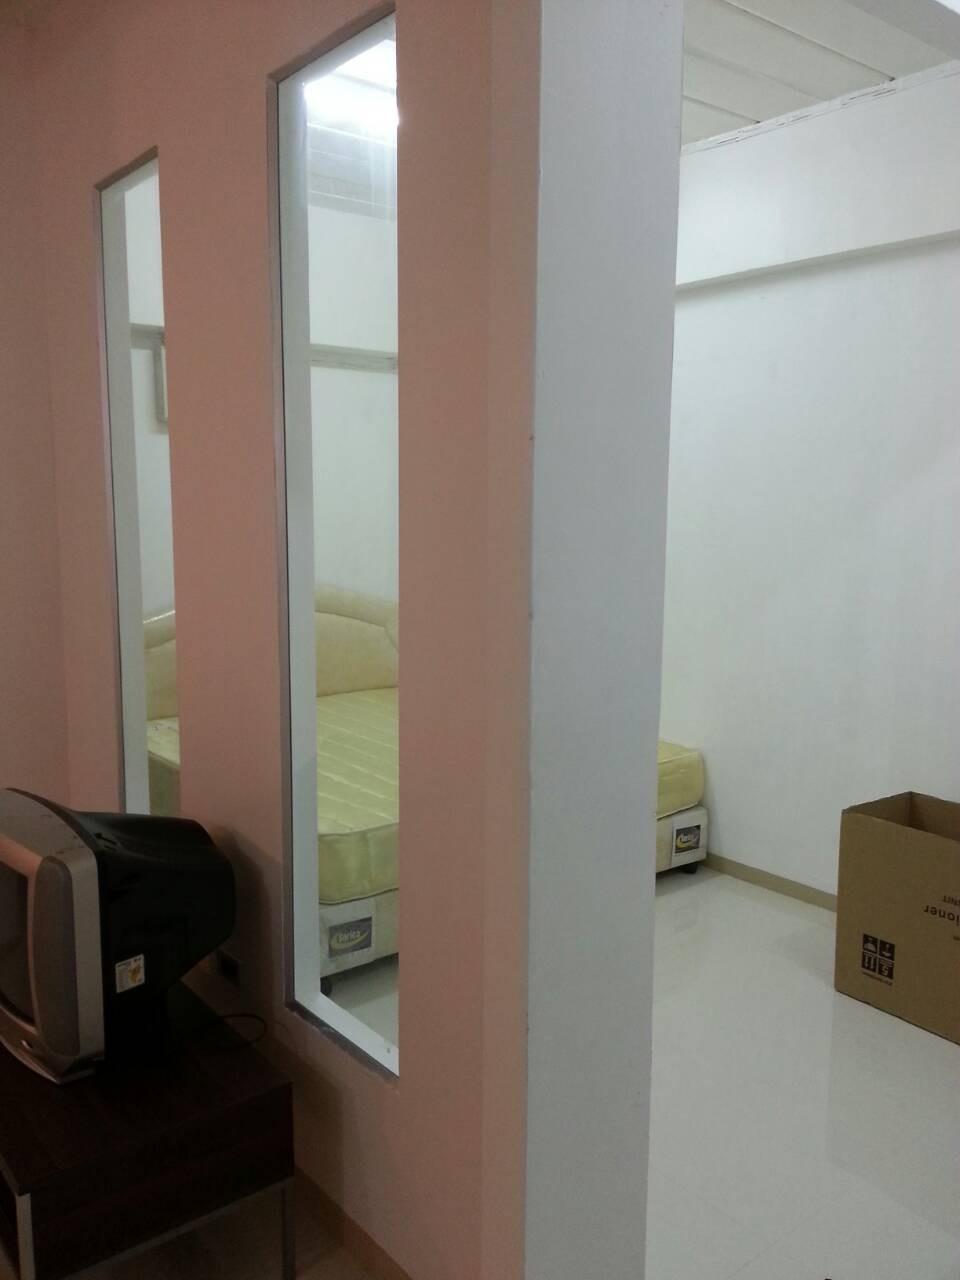 รูปของประกาศขายคอนโดสินเศรษฐี เรซิเดนซ์ ทาวน์ 2(1 ห้องนอน)(4)